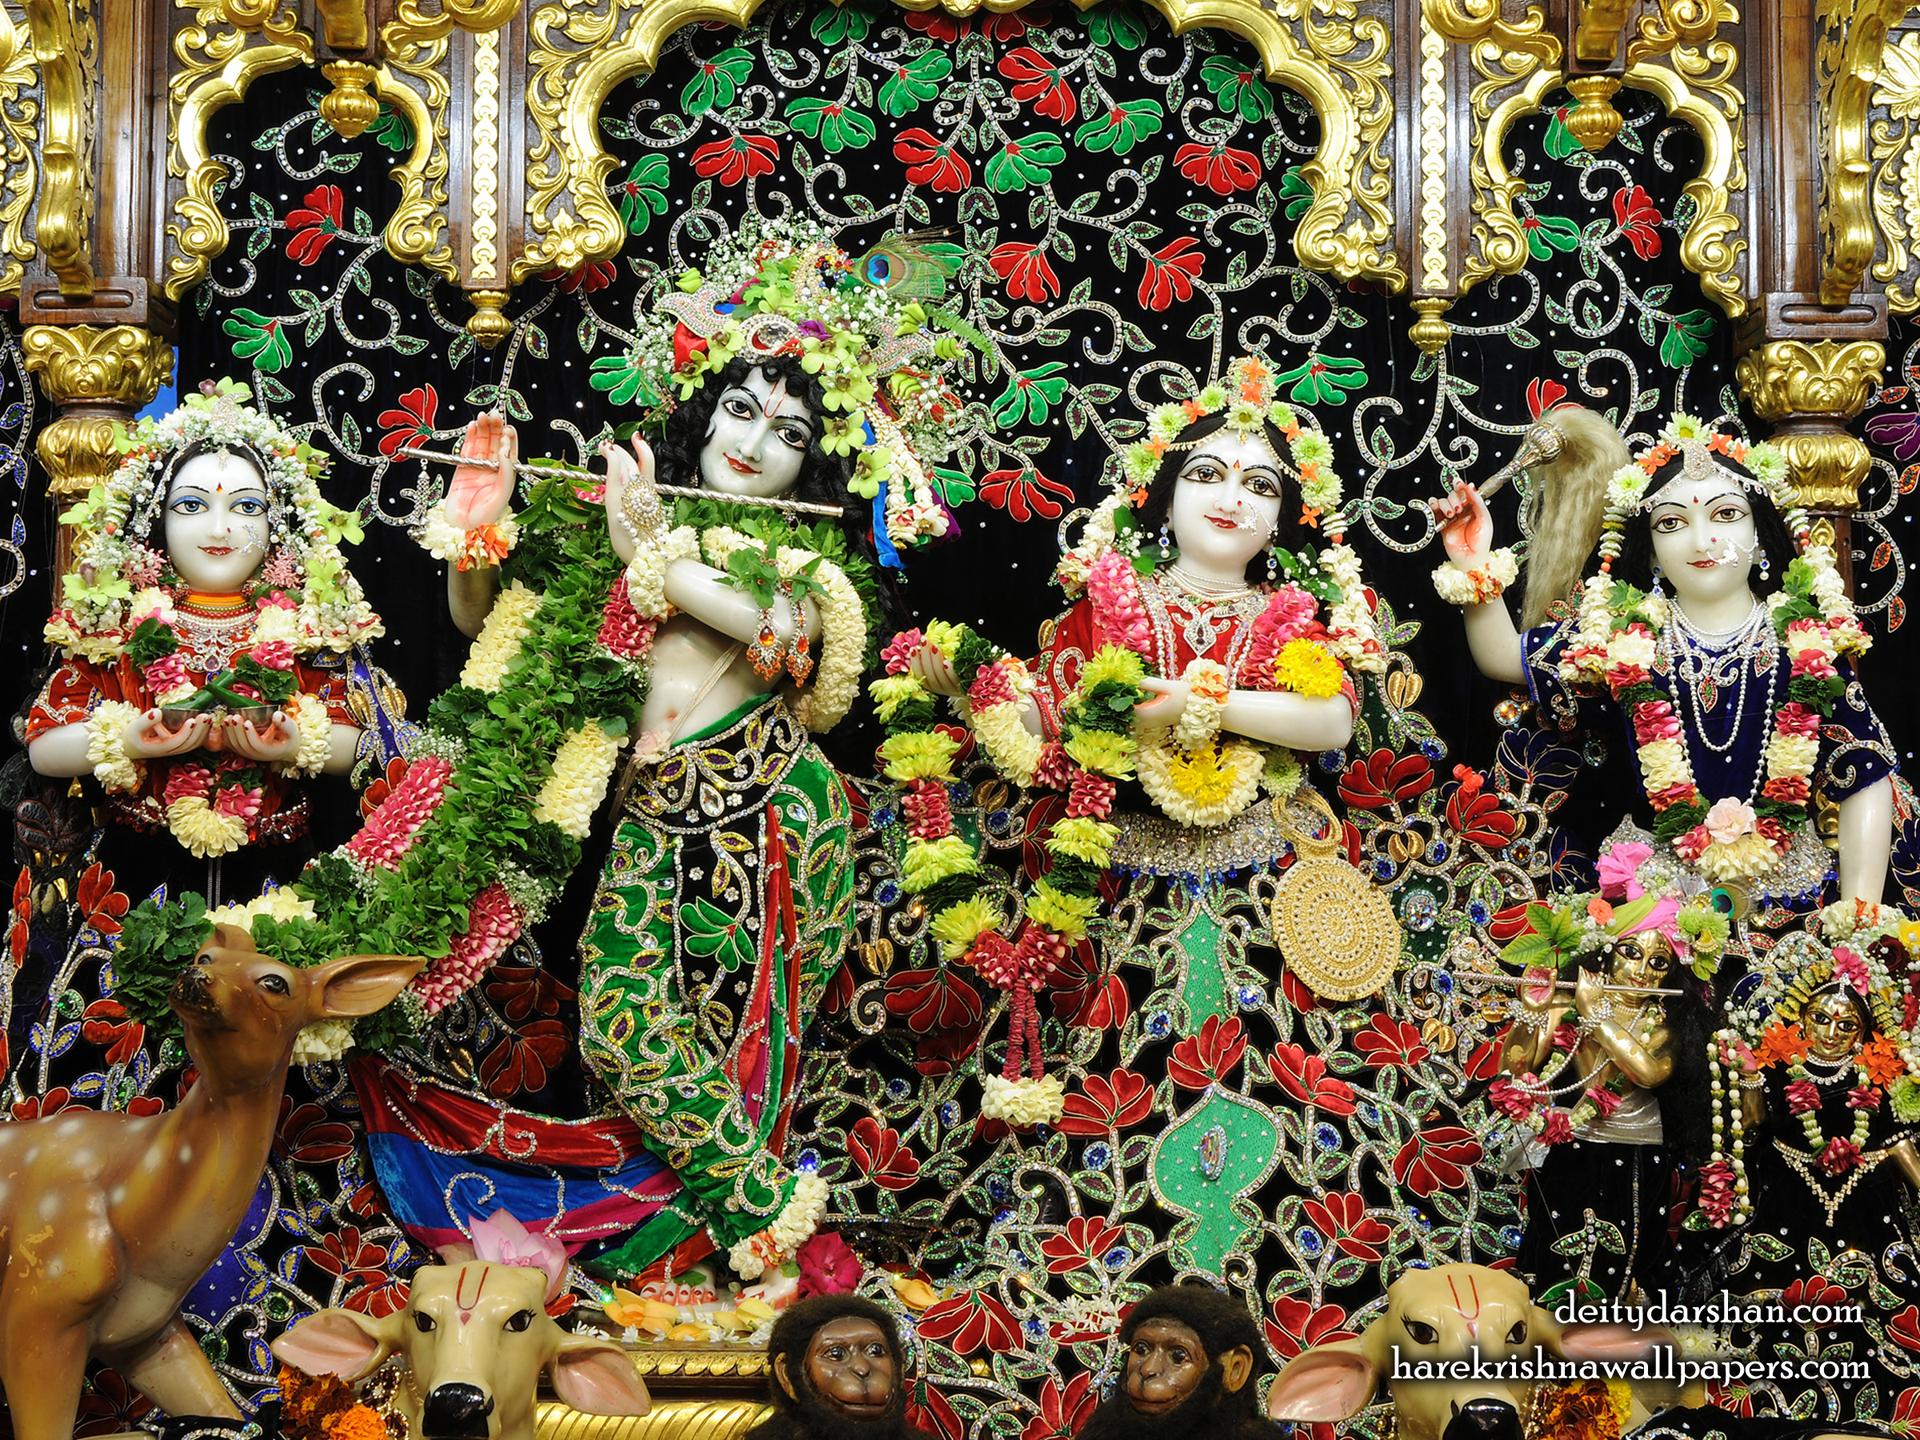 Sri Sri Radha Gopinath Lalita Vishakha Wallpaper (075) Size 1920x1440 Download